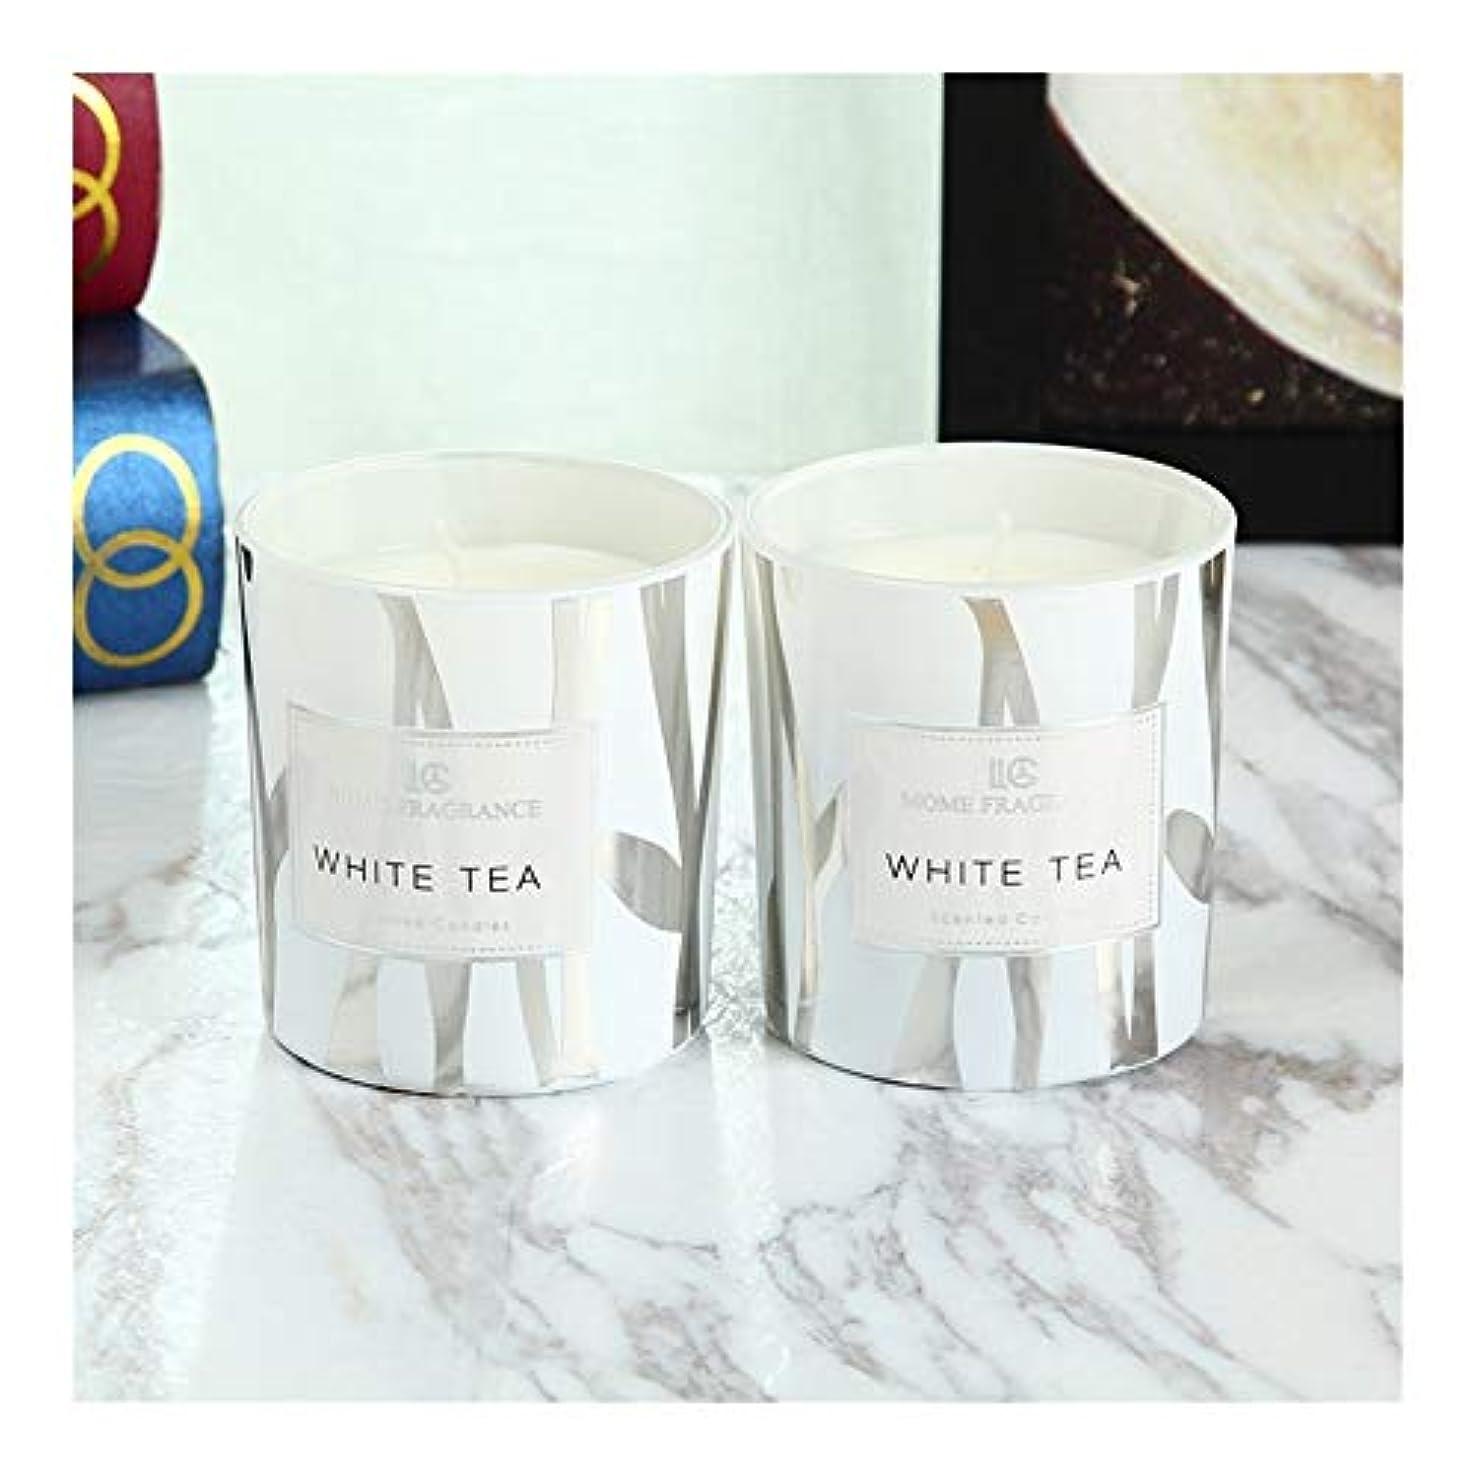 味付け印刷する光景ACAO 火の香りの絶妙なギフトボックス包装なし、ロマンチックな誕生日プレゼントをガールフレンドに送信